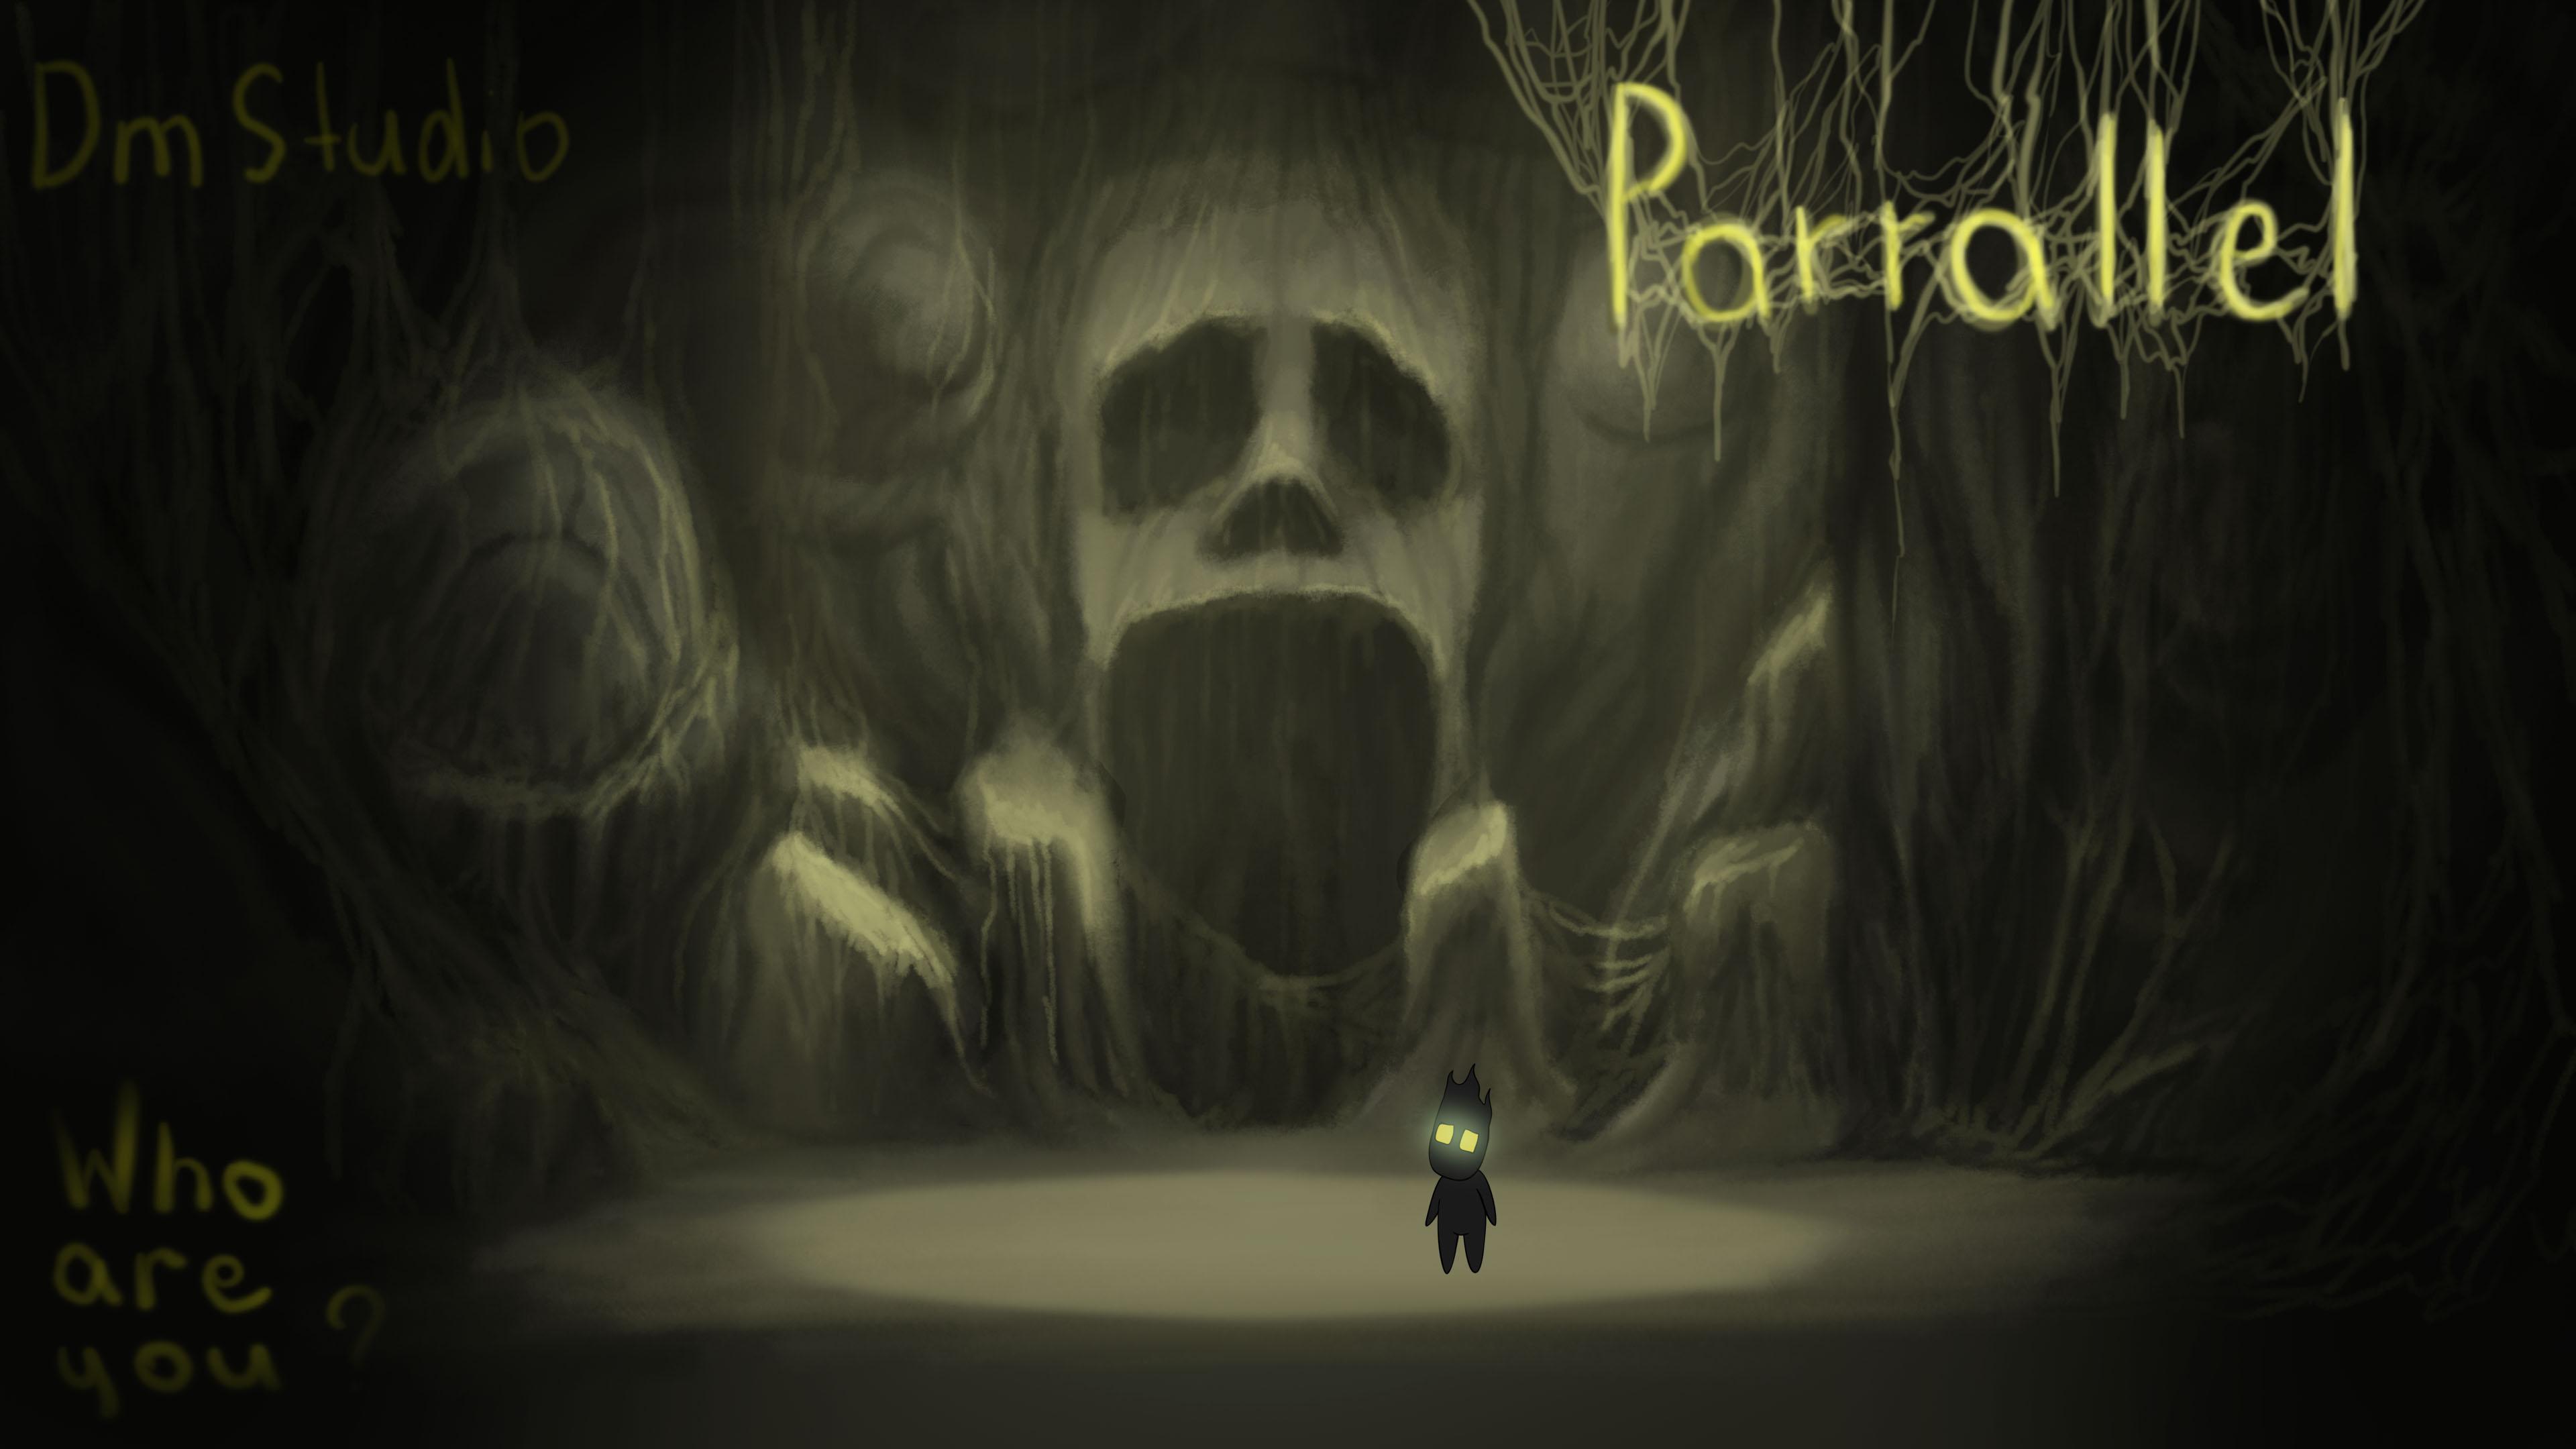 Постер нашей игры   Ищем того, кто разбирается в After Effects